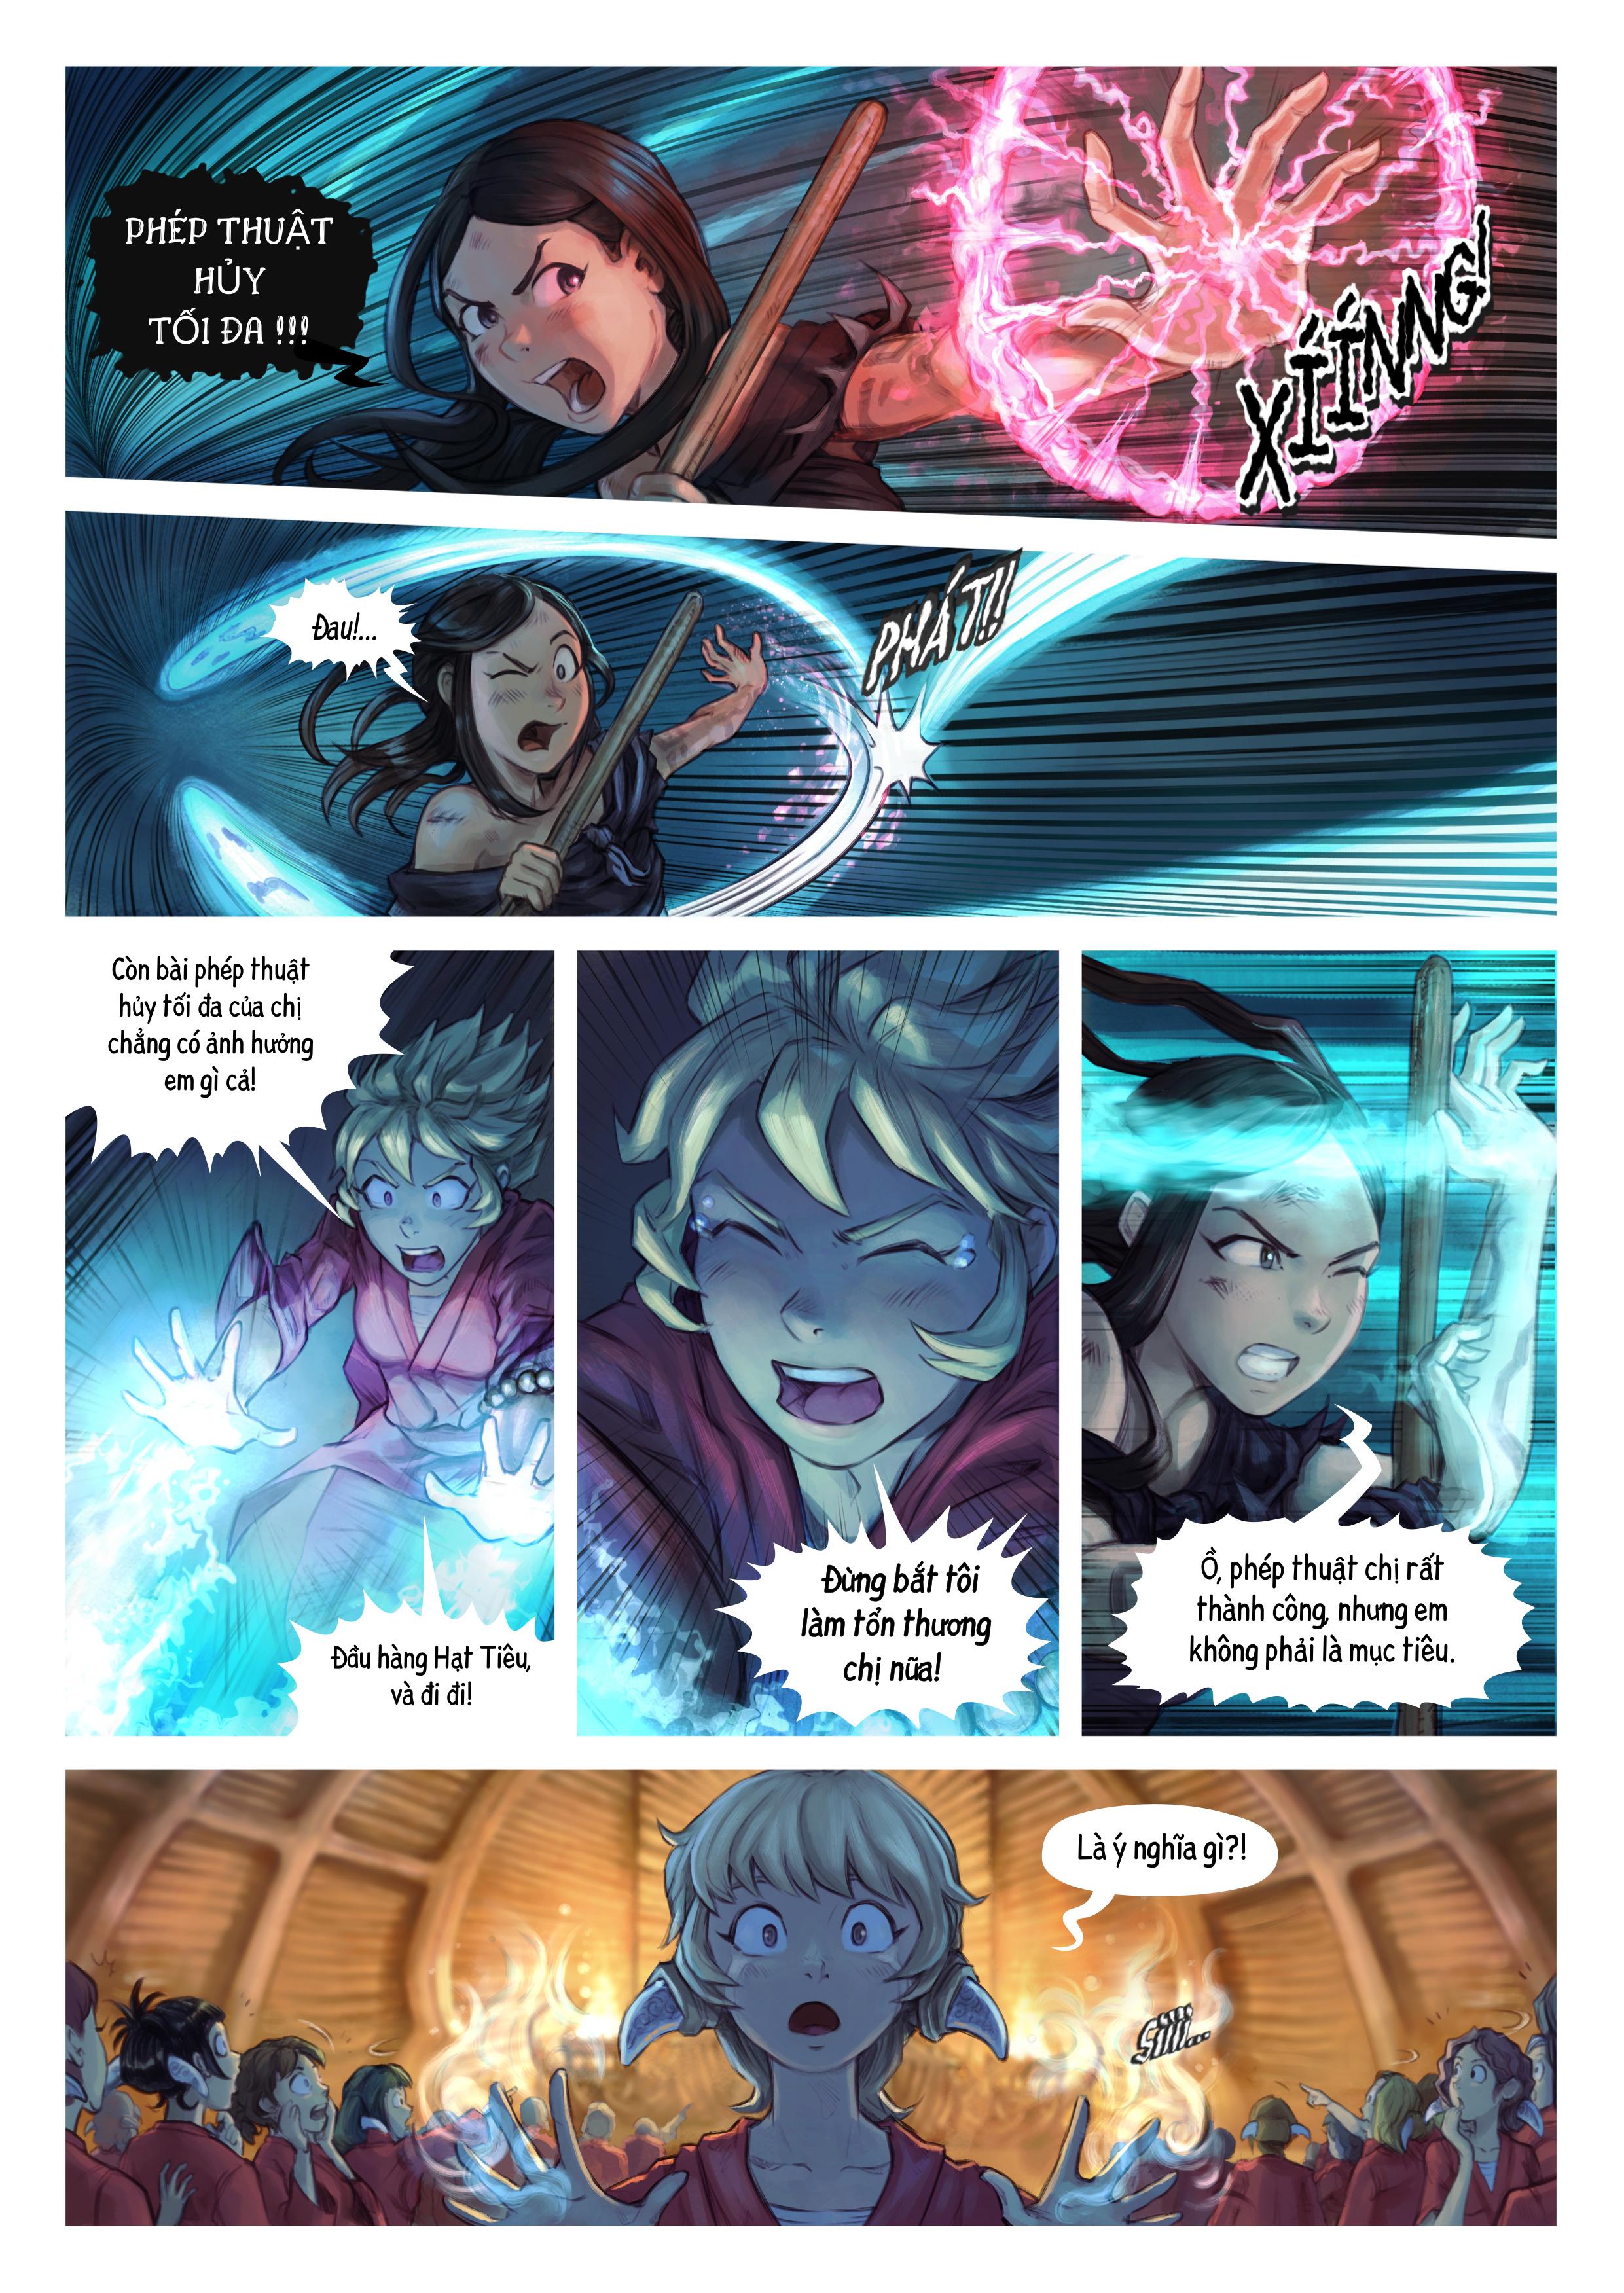 Tập 34: Thất Vị Nhậm Chức Hiệp Sĩ, Trang 7